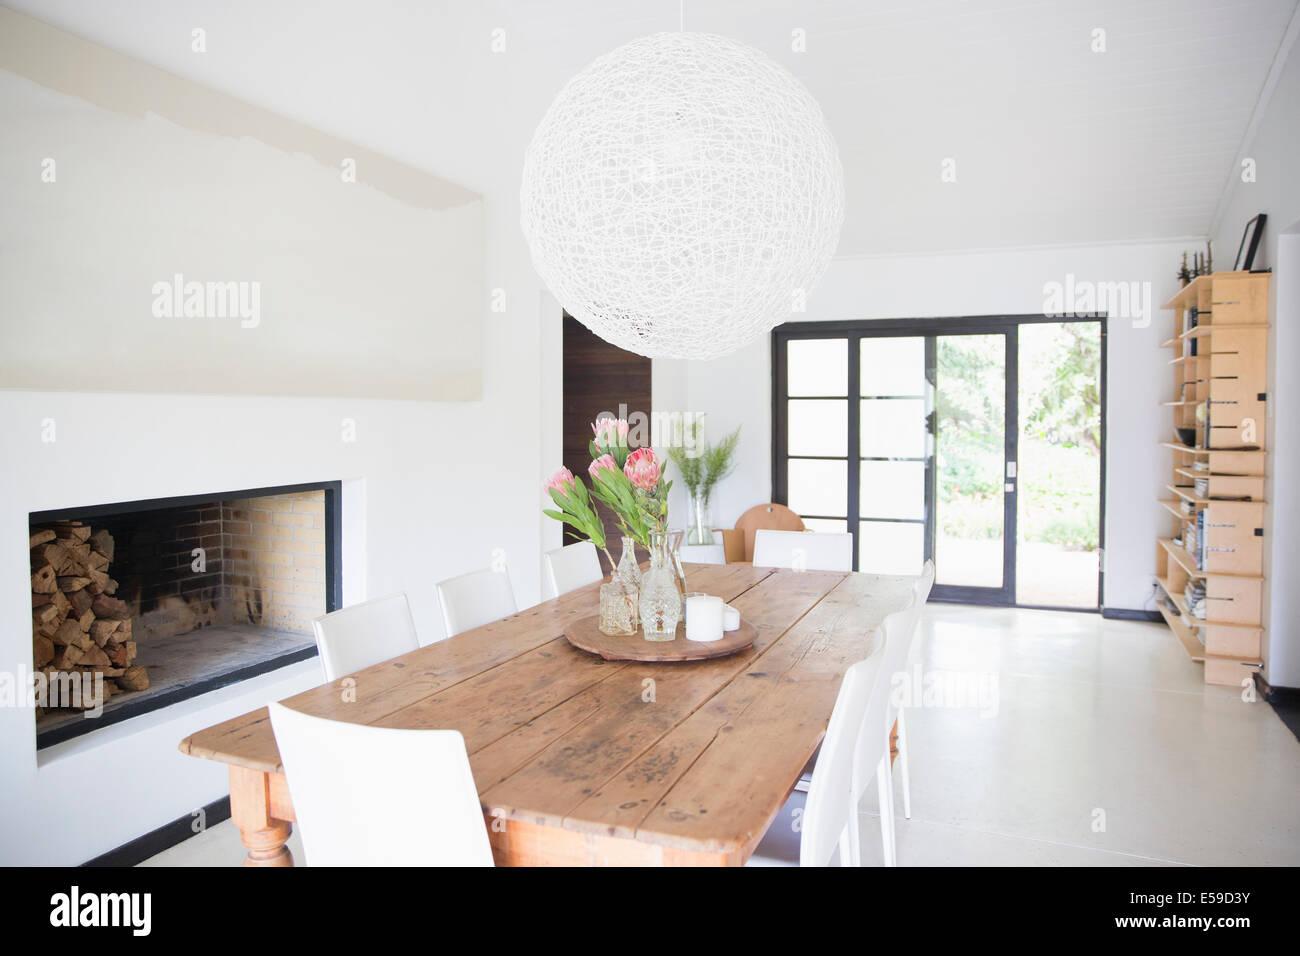 Tavolo da pranzo e lampadario in una moderna sala da pranzo Immagini Stock